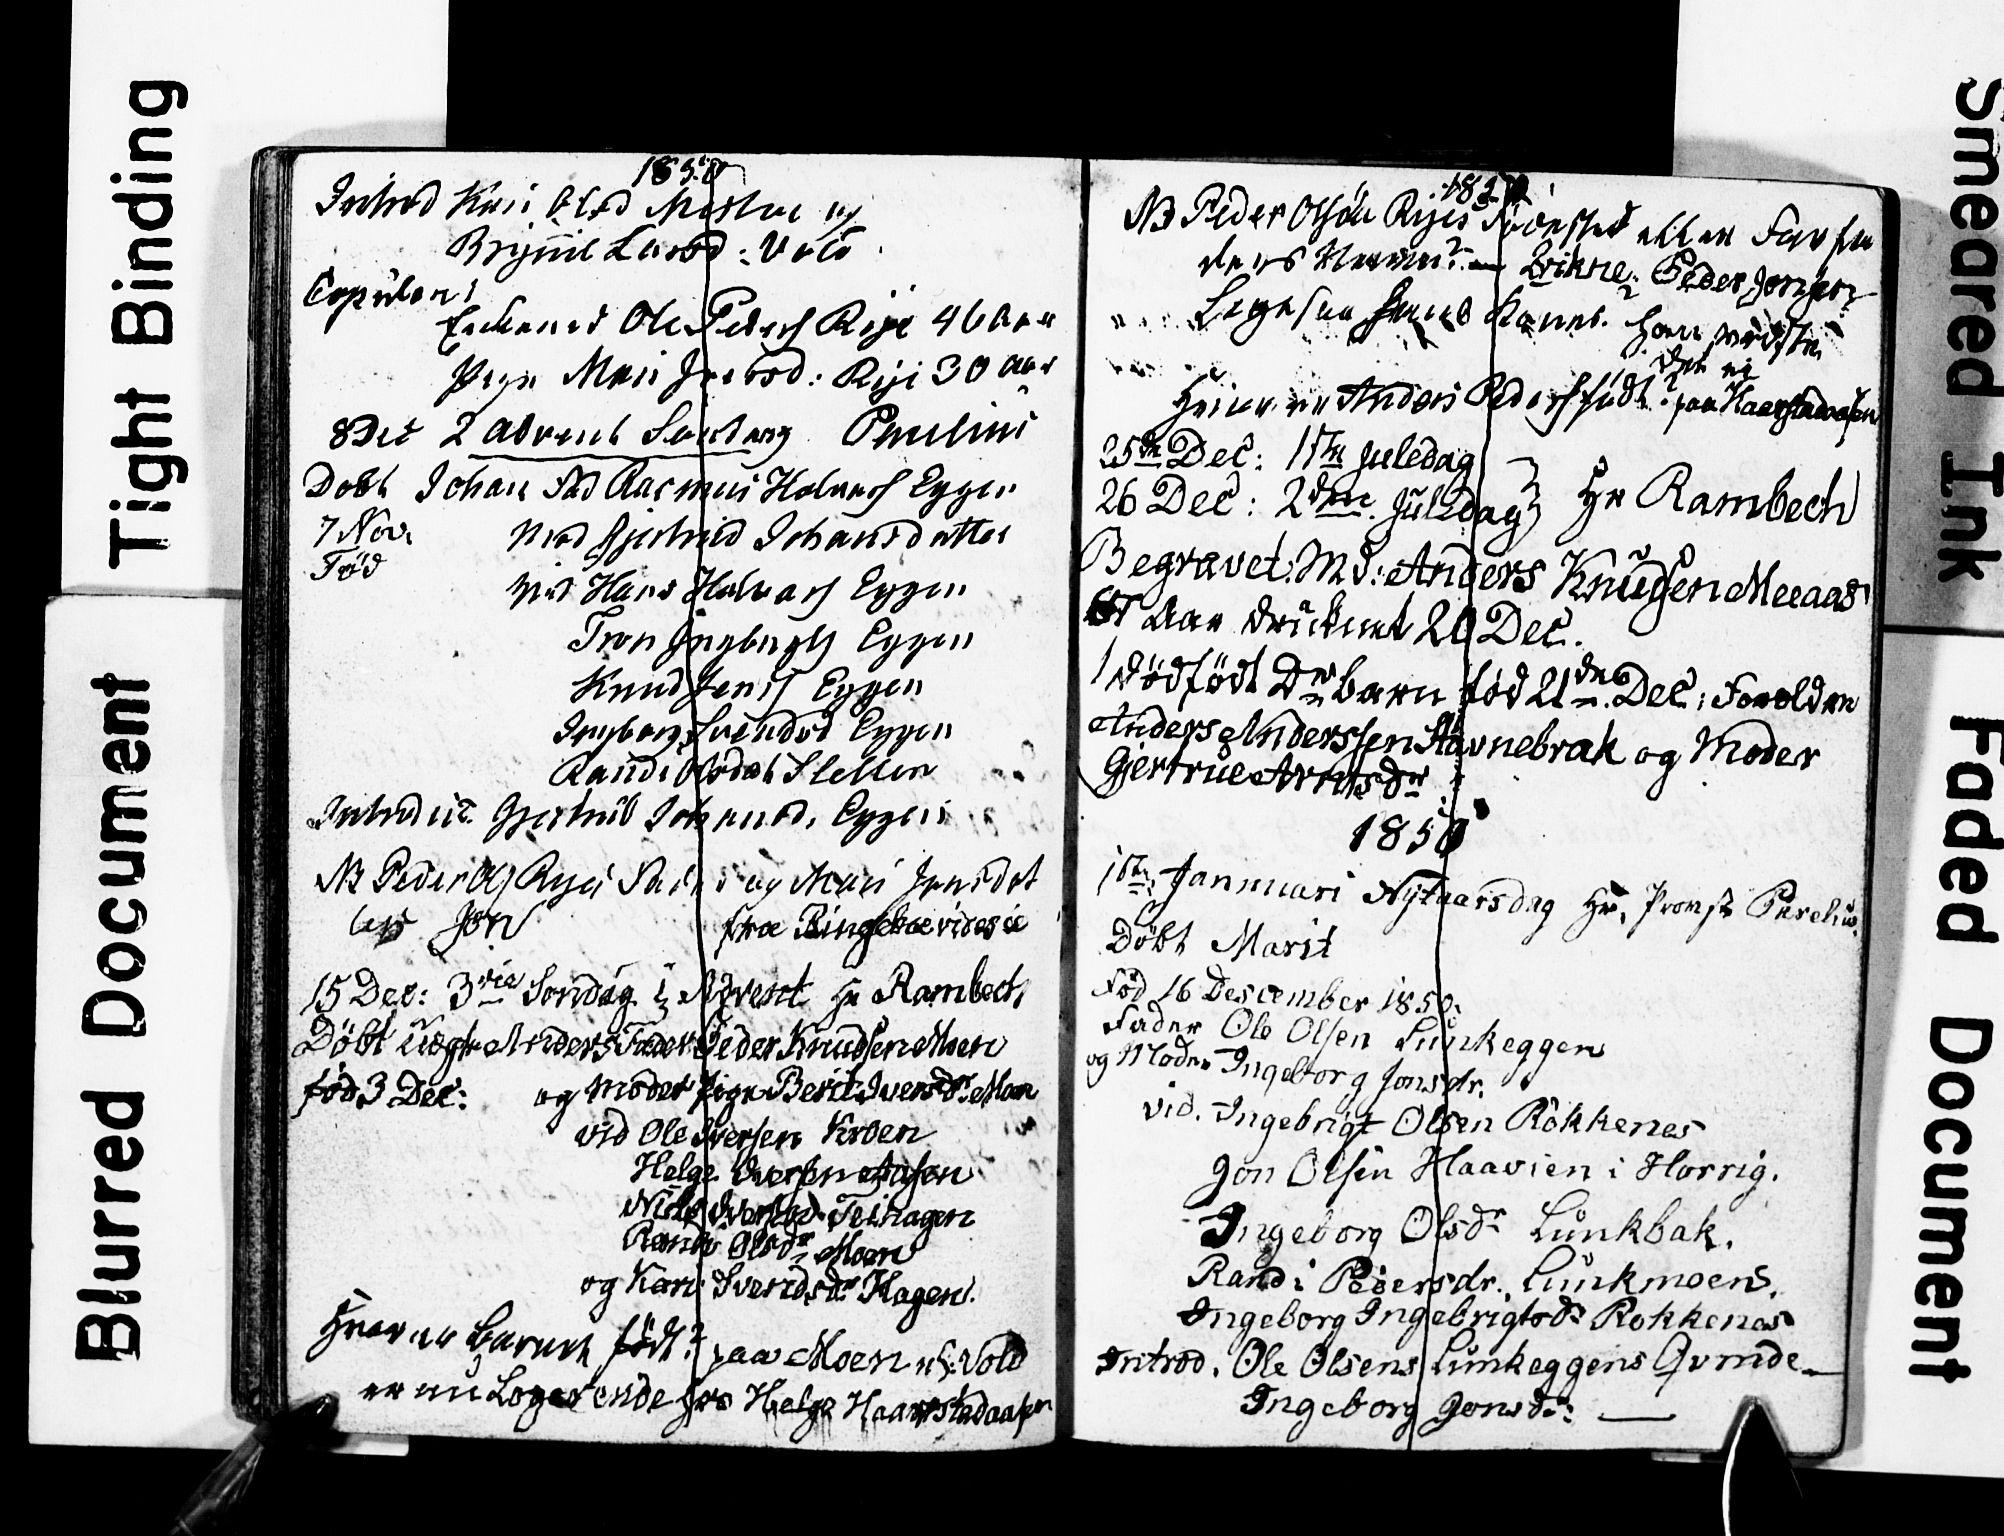 SAT, Ministerialprotokoller, klokkerbøker og fødselsregistre - Sør-Trøndelag, 674/L0885: Klokkerbok nr. 674C12, 1837-1861